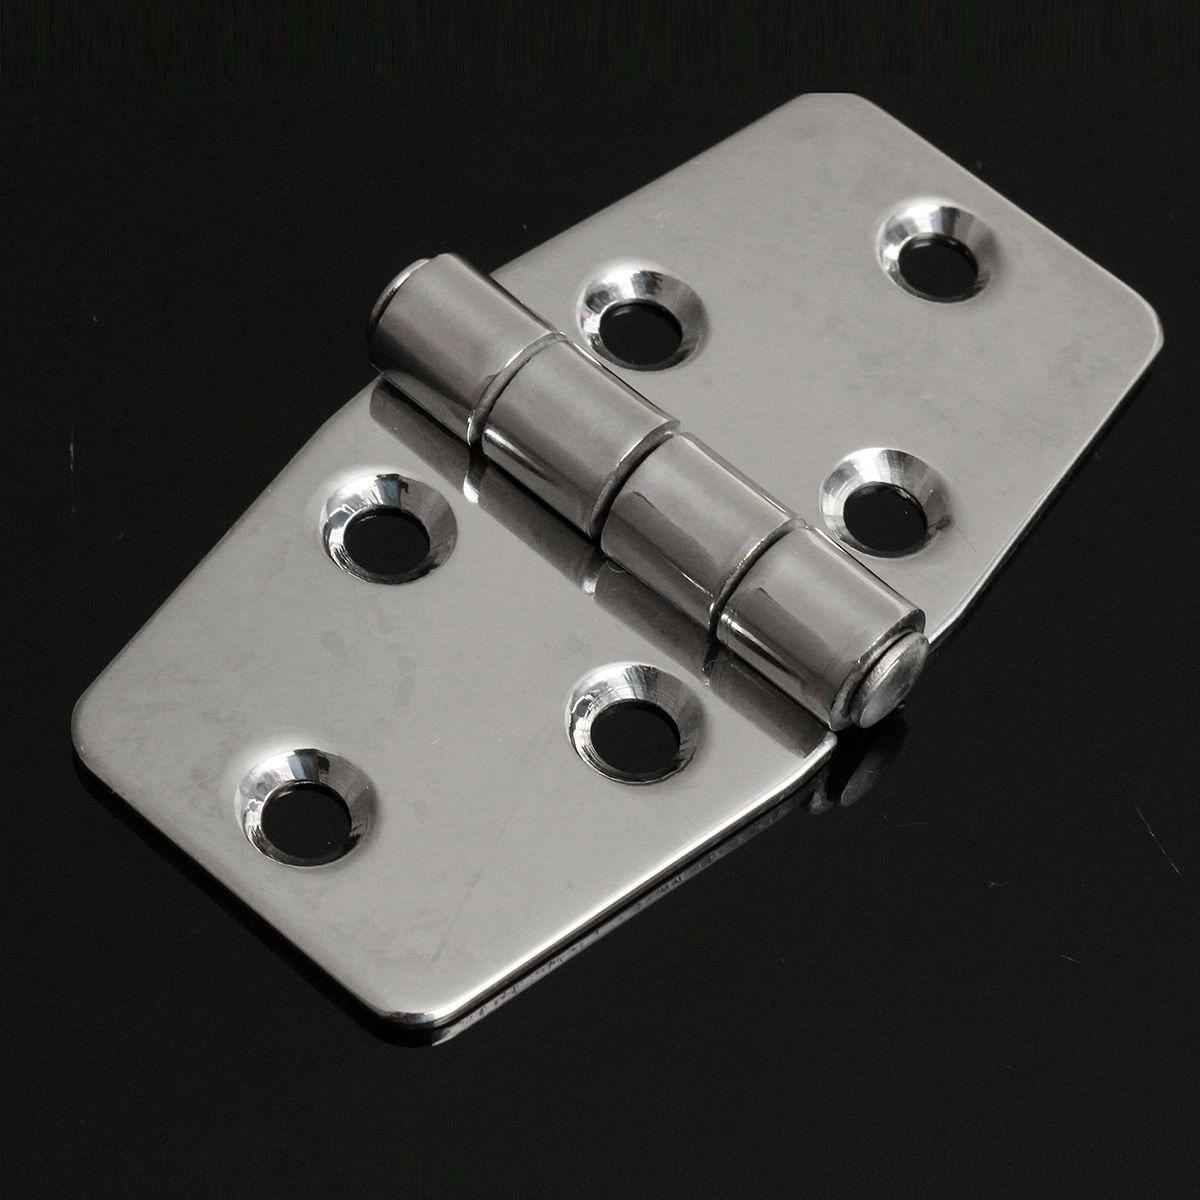 3 Pulgadas De Acero Inoxidable Barco Marino A Ras De Puerta Compartimiento De La Escotilla Bisagras Reemplazo Flush Doors Steel Stainless Steel